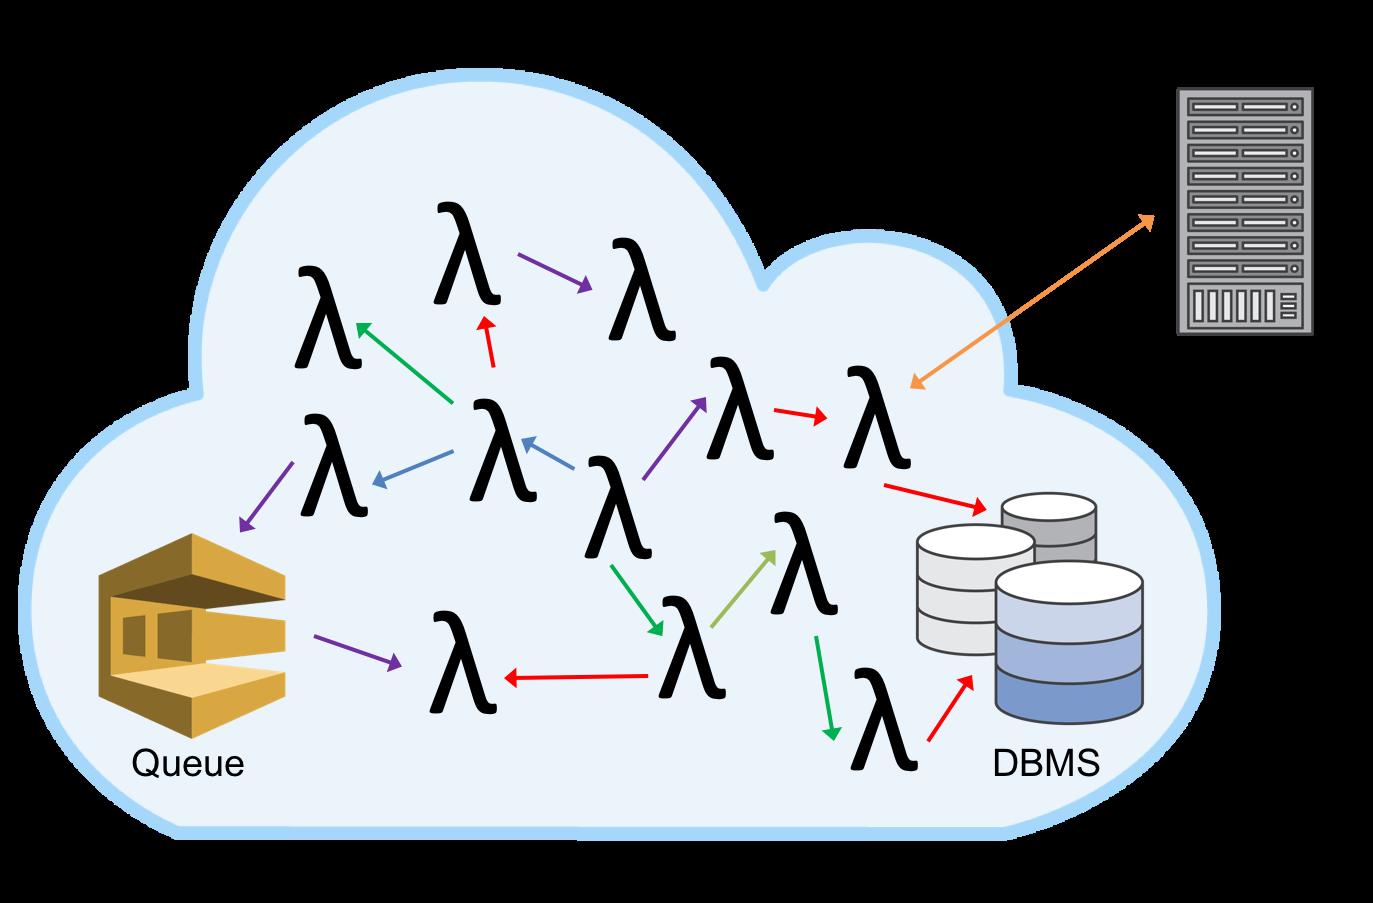 使用AWS Lambda和AWS Step Functions轻松构建Serverless应用- AWS企业上